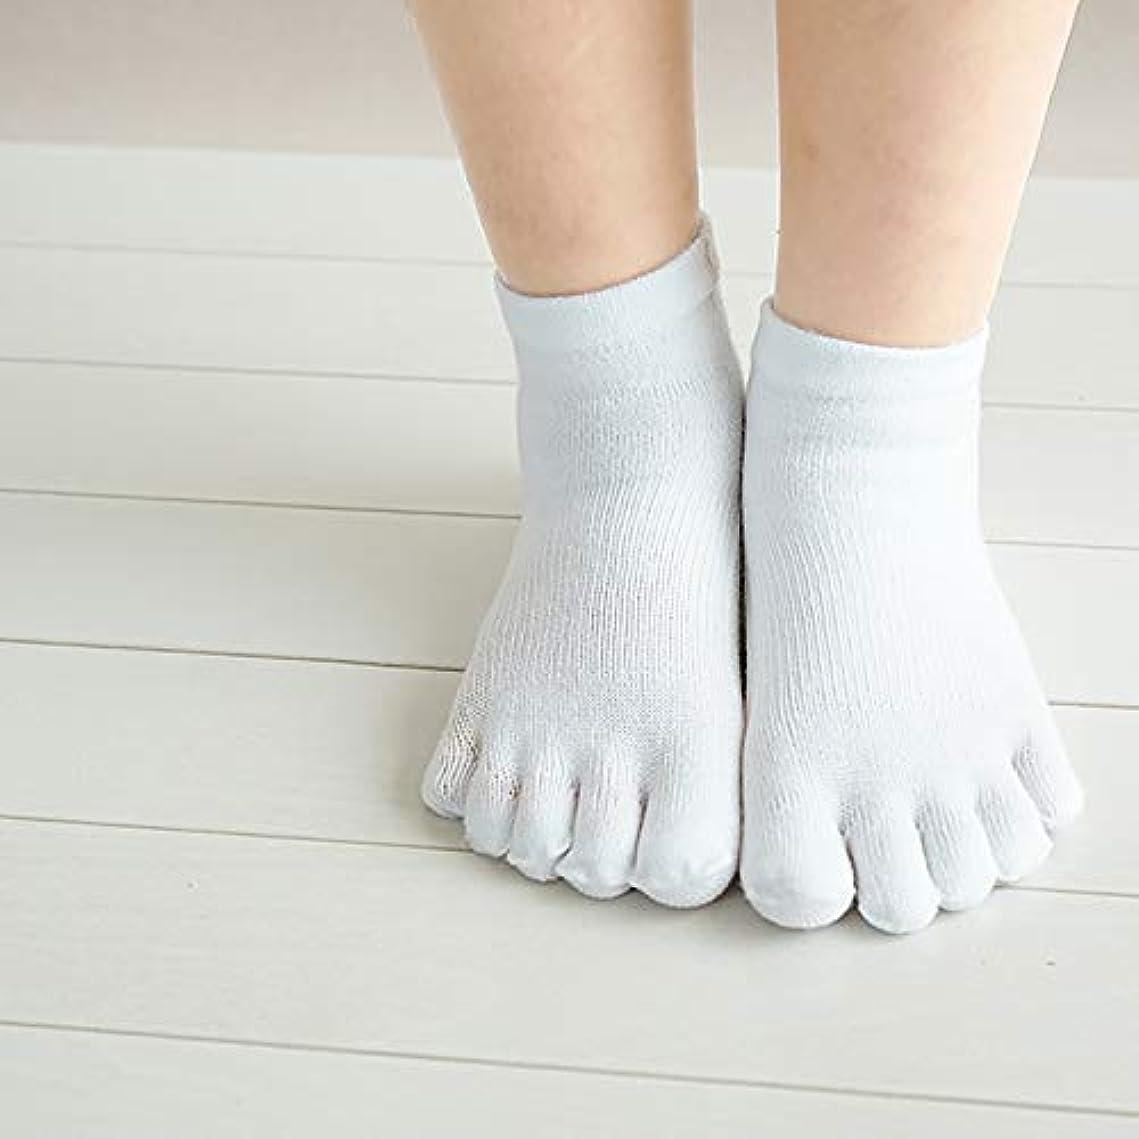 獣することになっているバブルゆびのばソックス Neo アズキッズ ホワイト 幼児用靴下 5本指ソックス